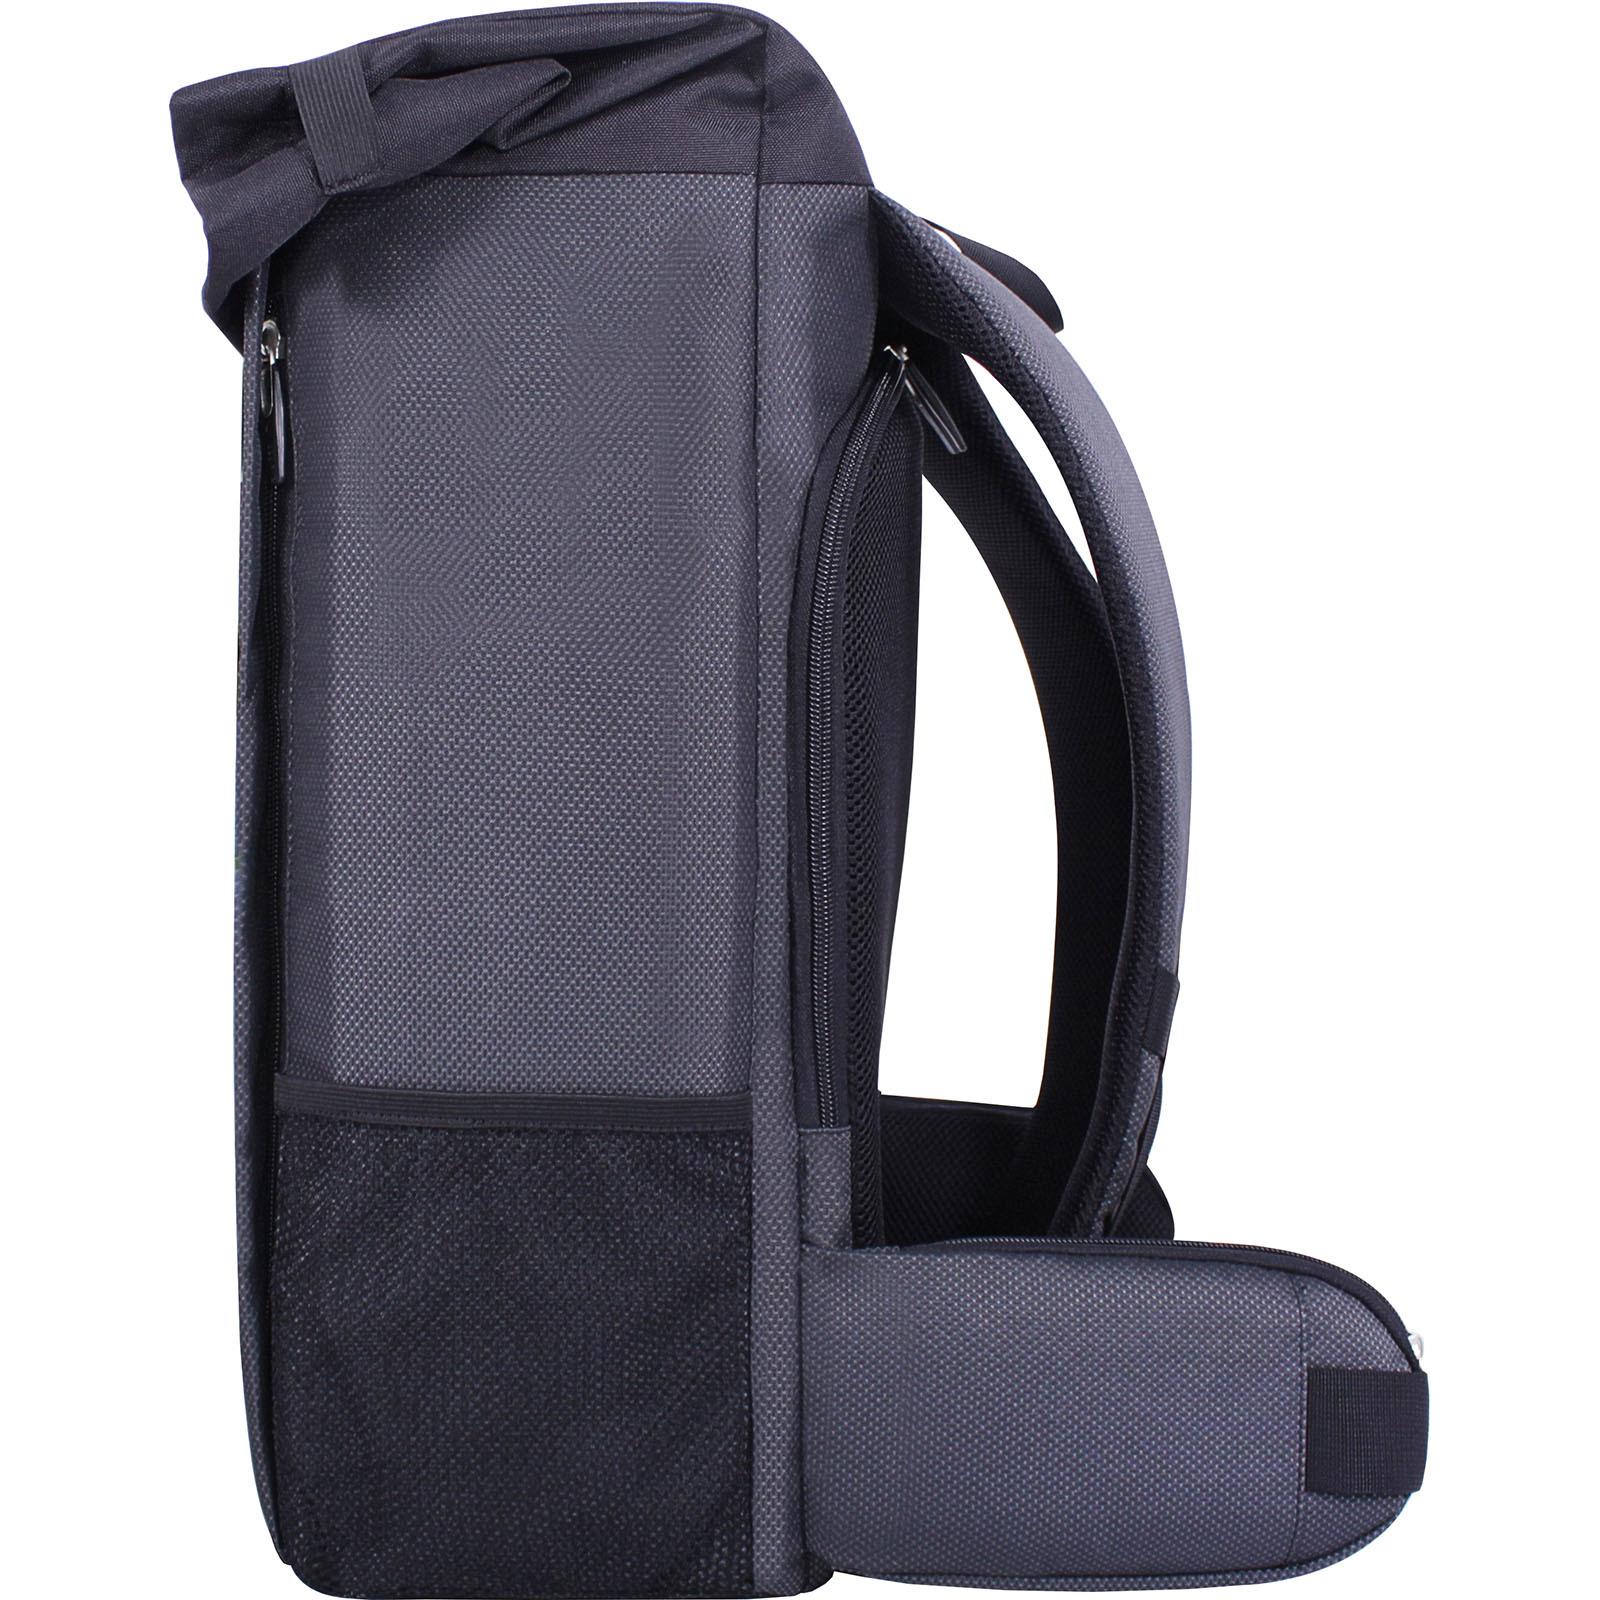 Рюкзак для ноутбука Bagland Roll 21 л. Чёрный (00156169) фото 4